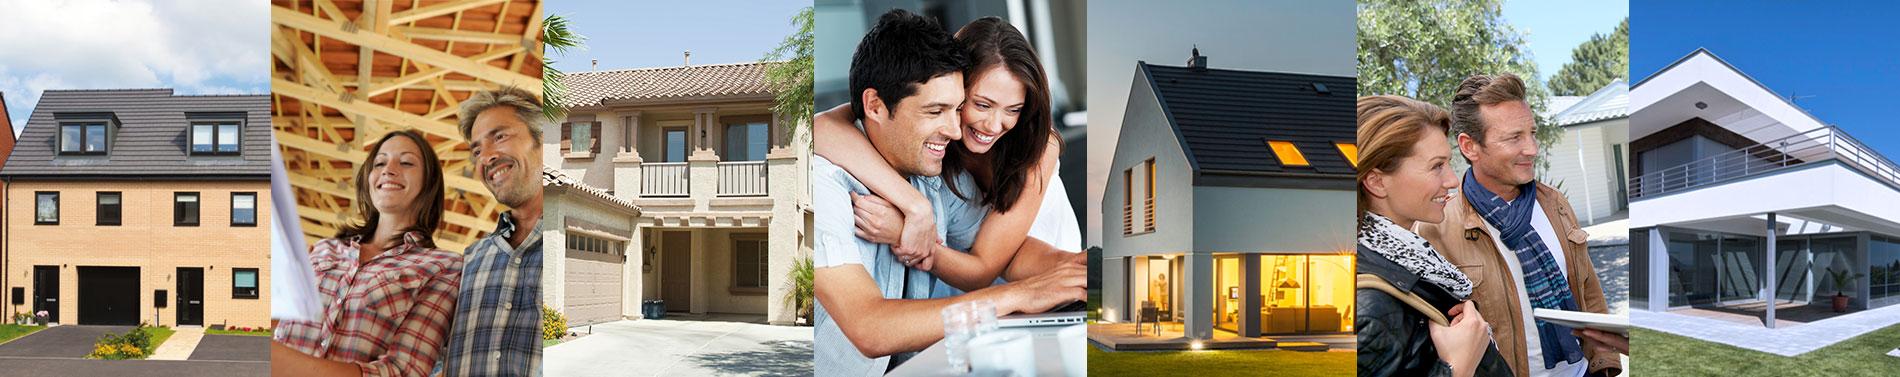 Modification de la législation relative au crédit logement / hypothécaire